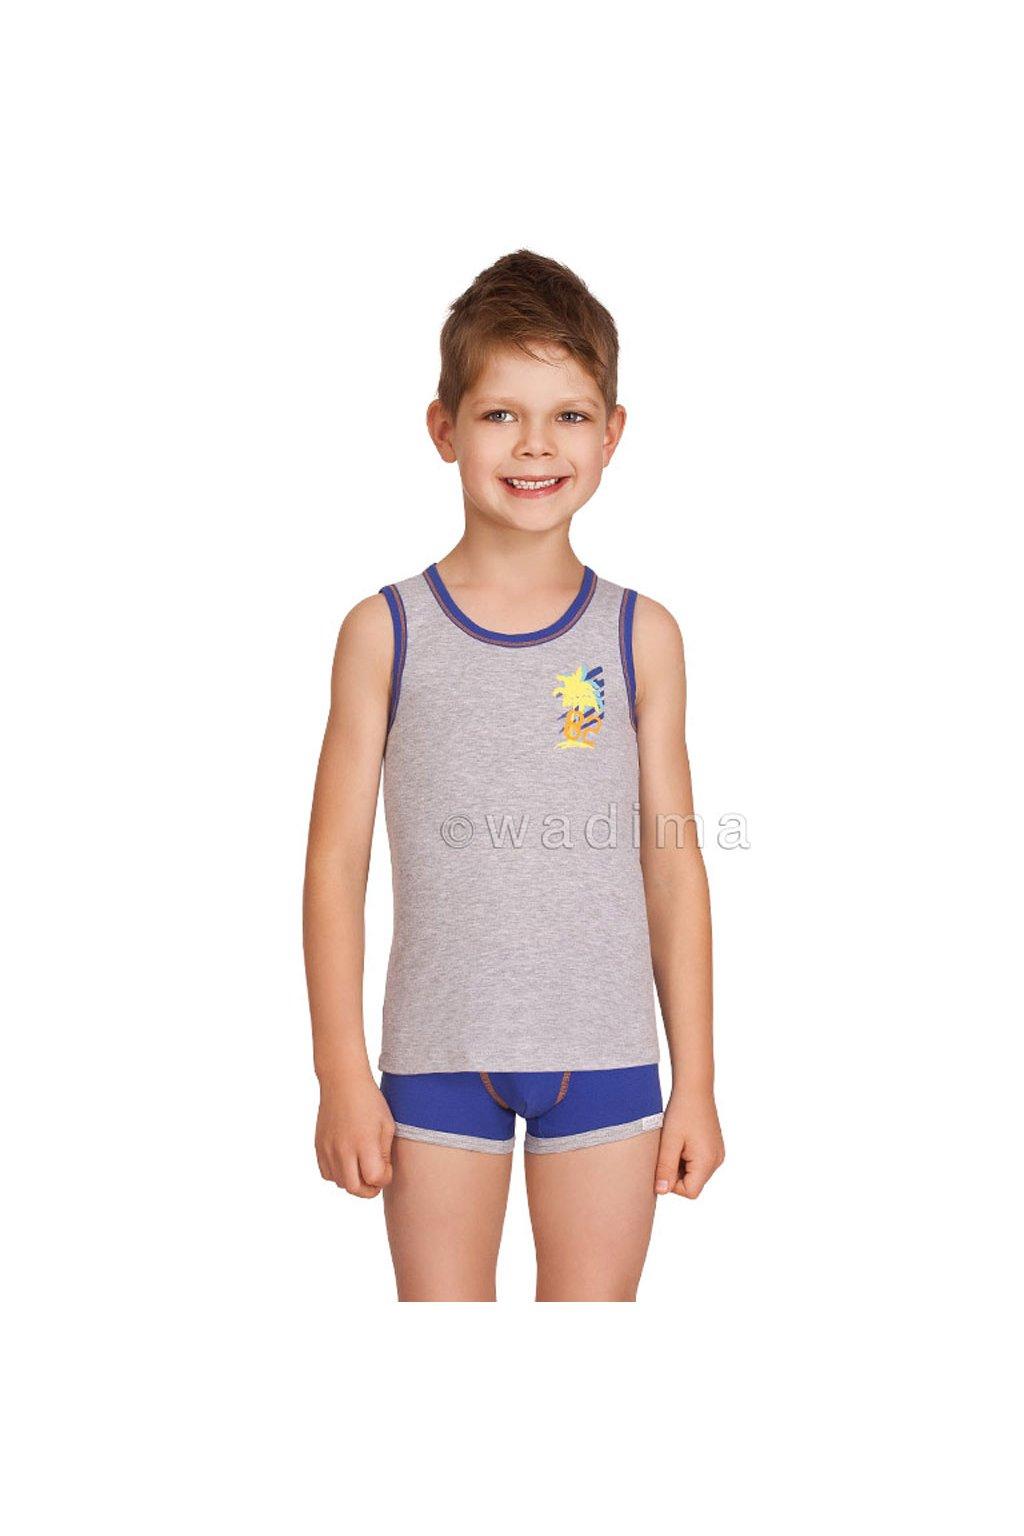 Chlapecký nátělník se širokými ramínky, 50226 30, šedá